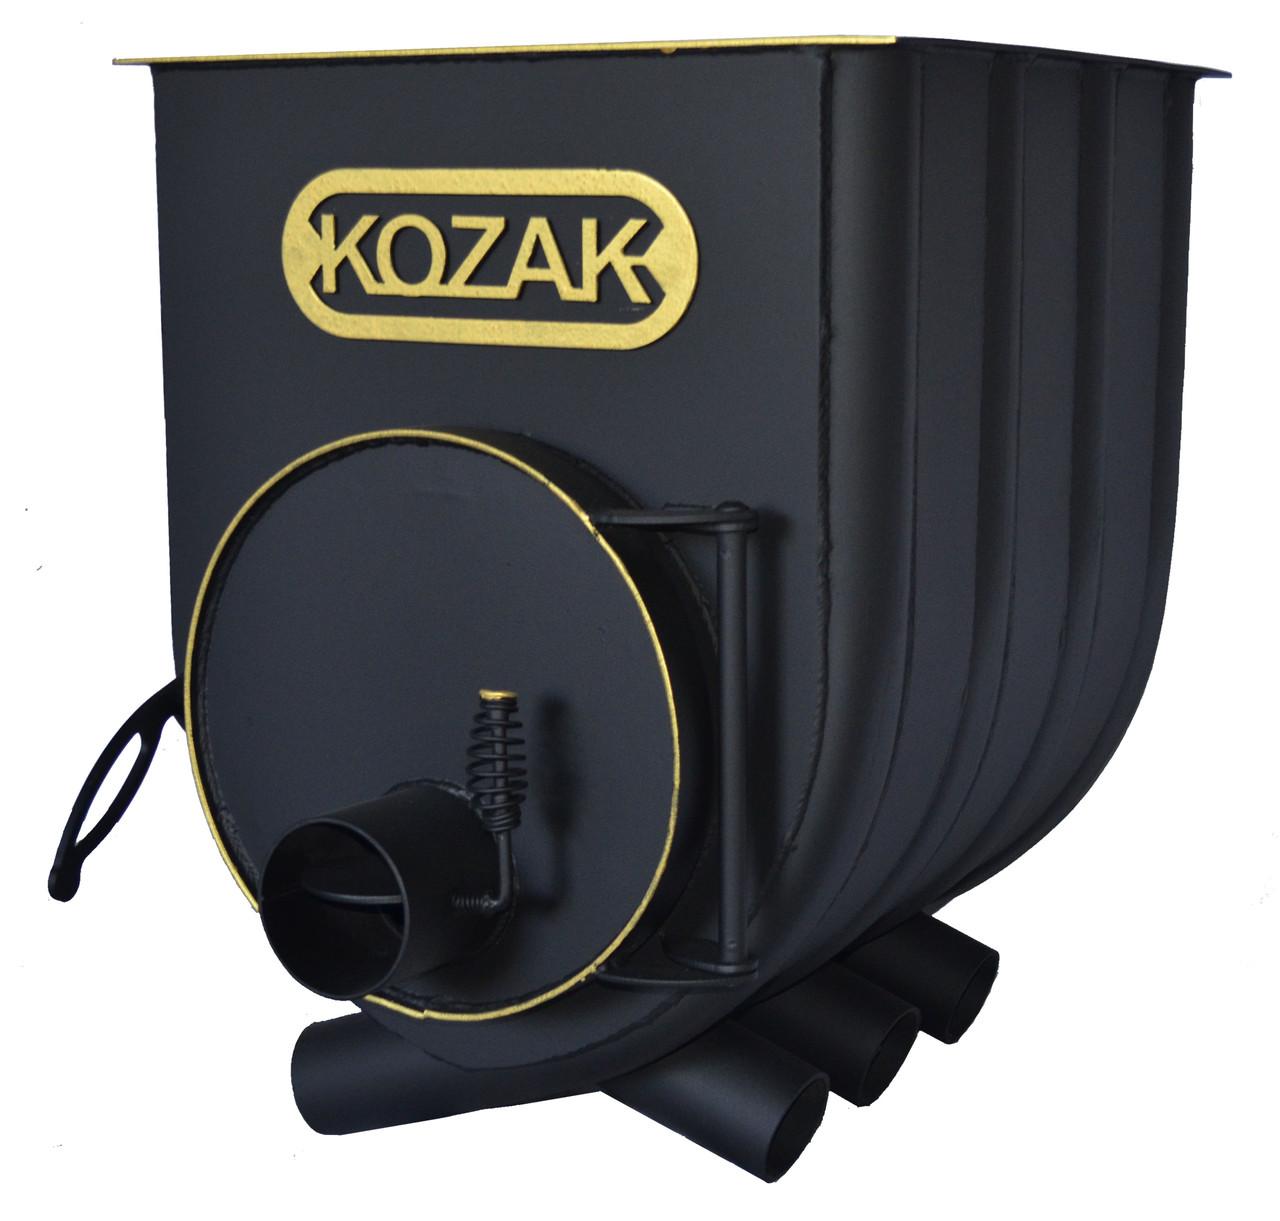 Булер'ян 00-120 м. куб з варильної поверхнею KOZAK топка на дровах 41 см піч сталева 4 мм конвекційна.